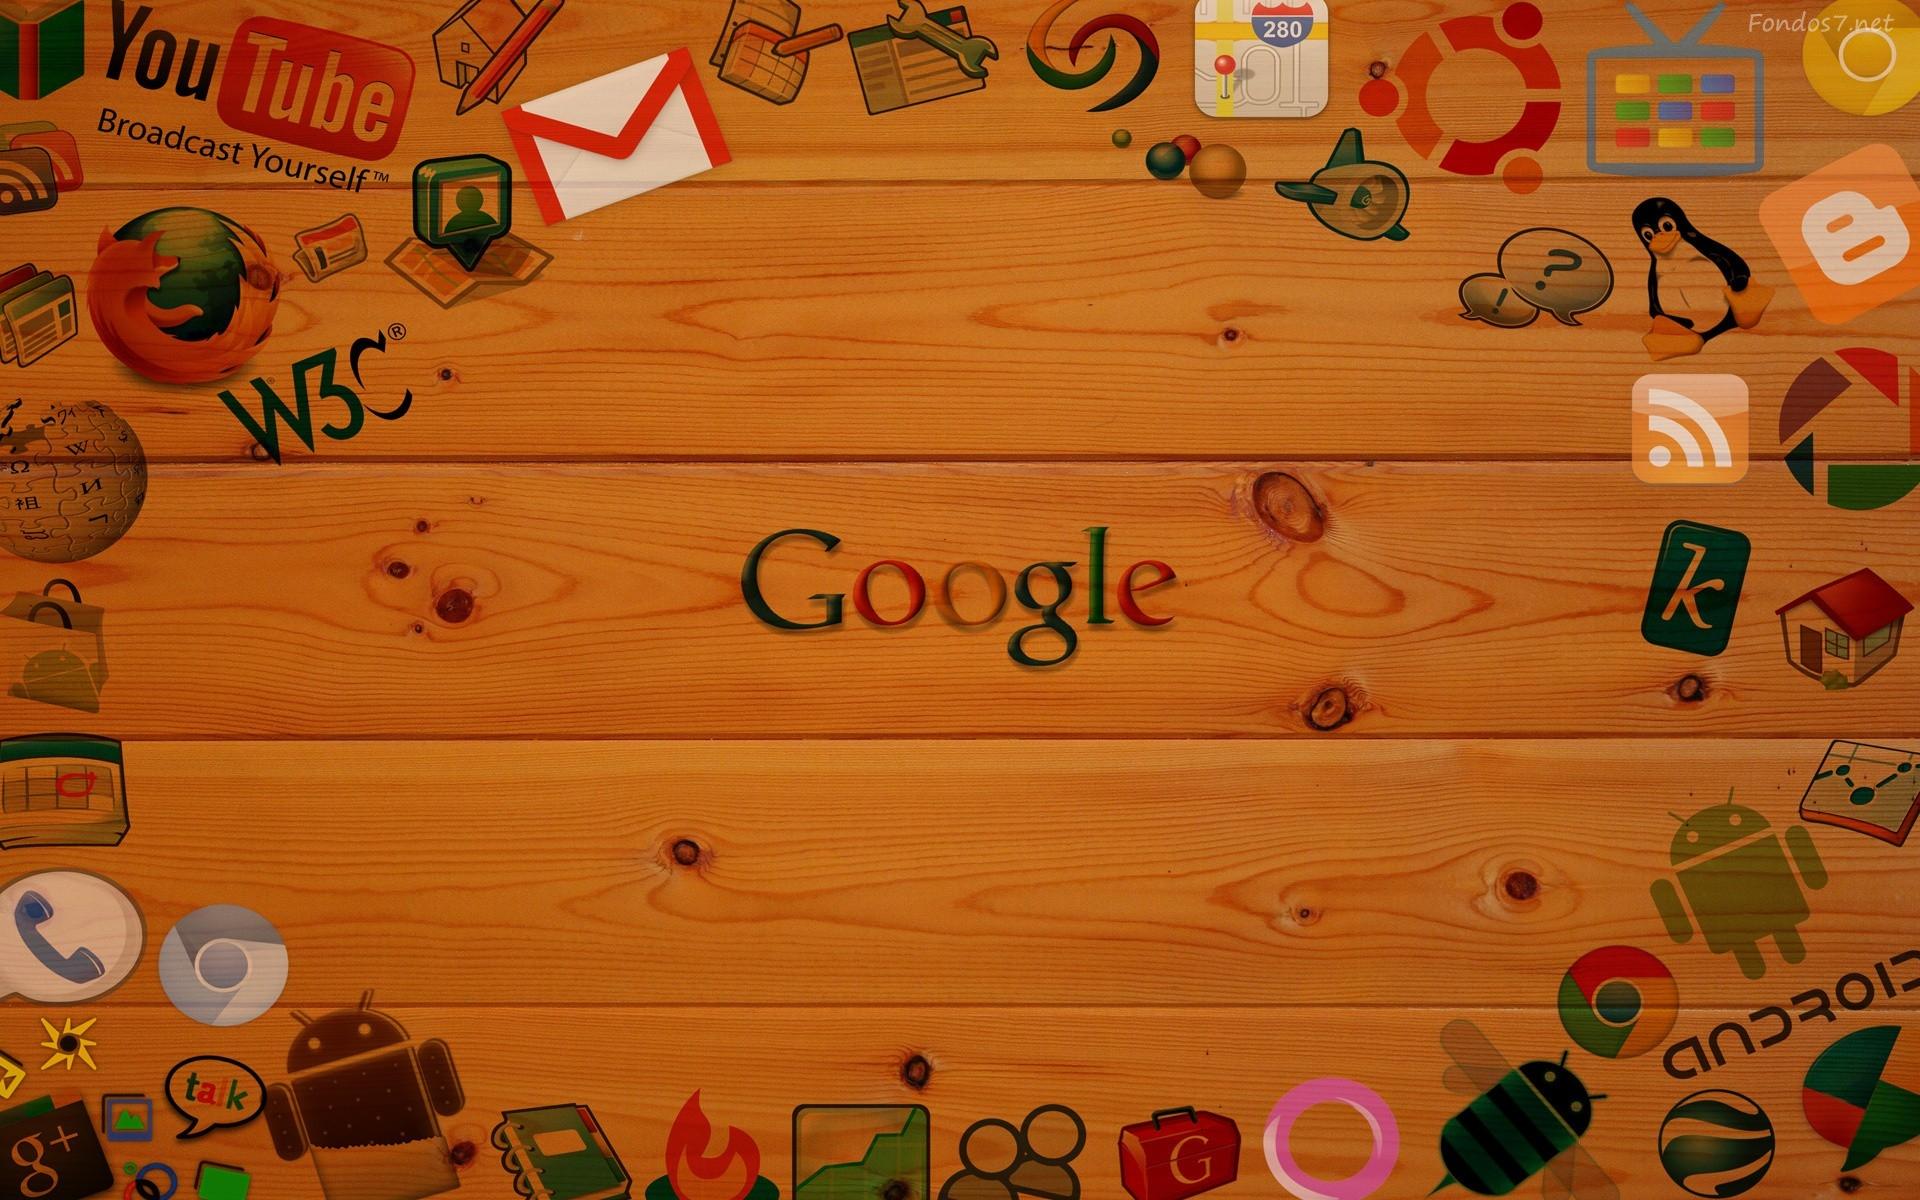 background images for google | Slide Background Image